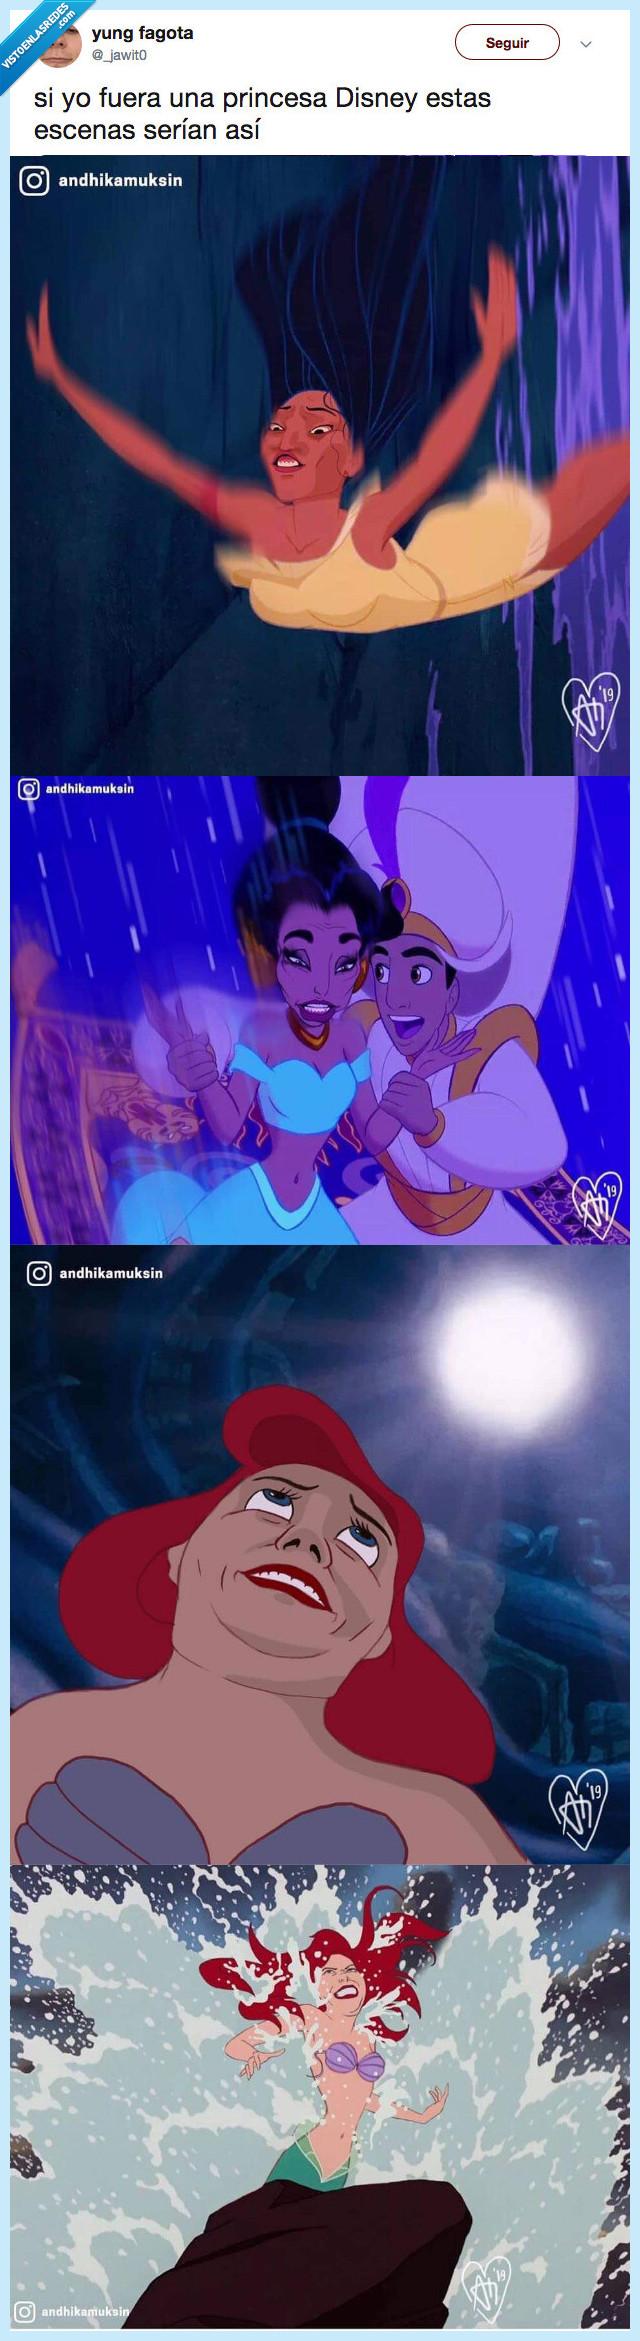 así,disney,escenas,princesa